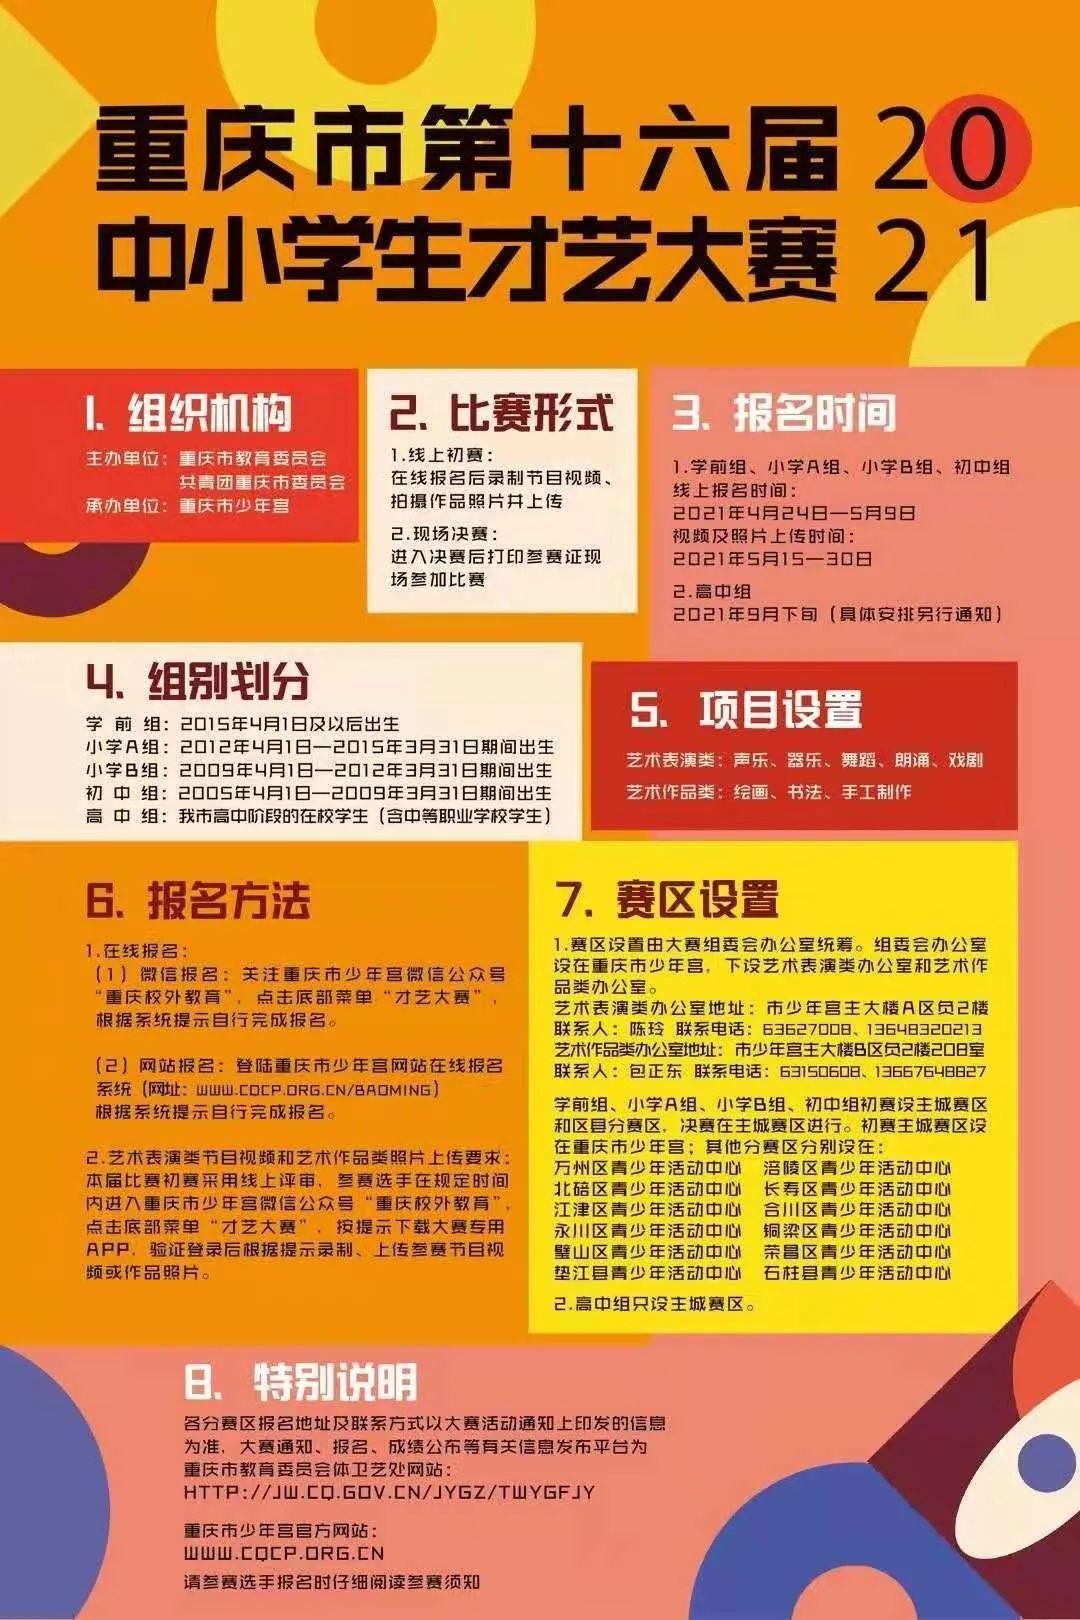 重庆市第十六届中小学生才艺大赛开始报名啦! 第10张